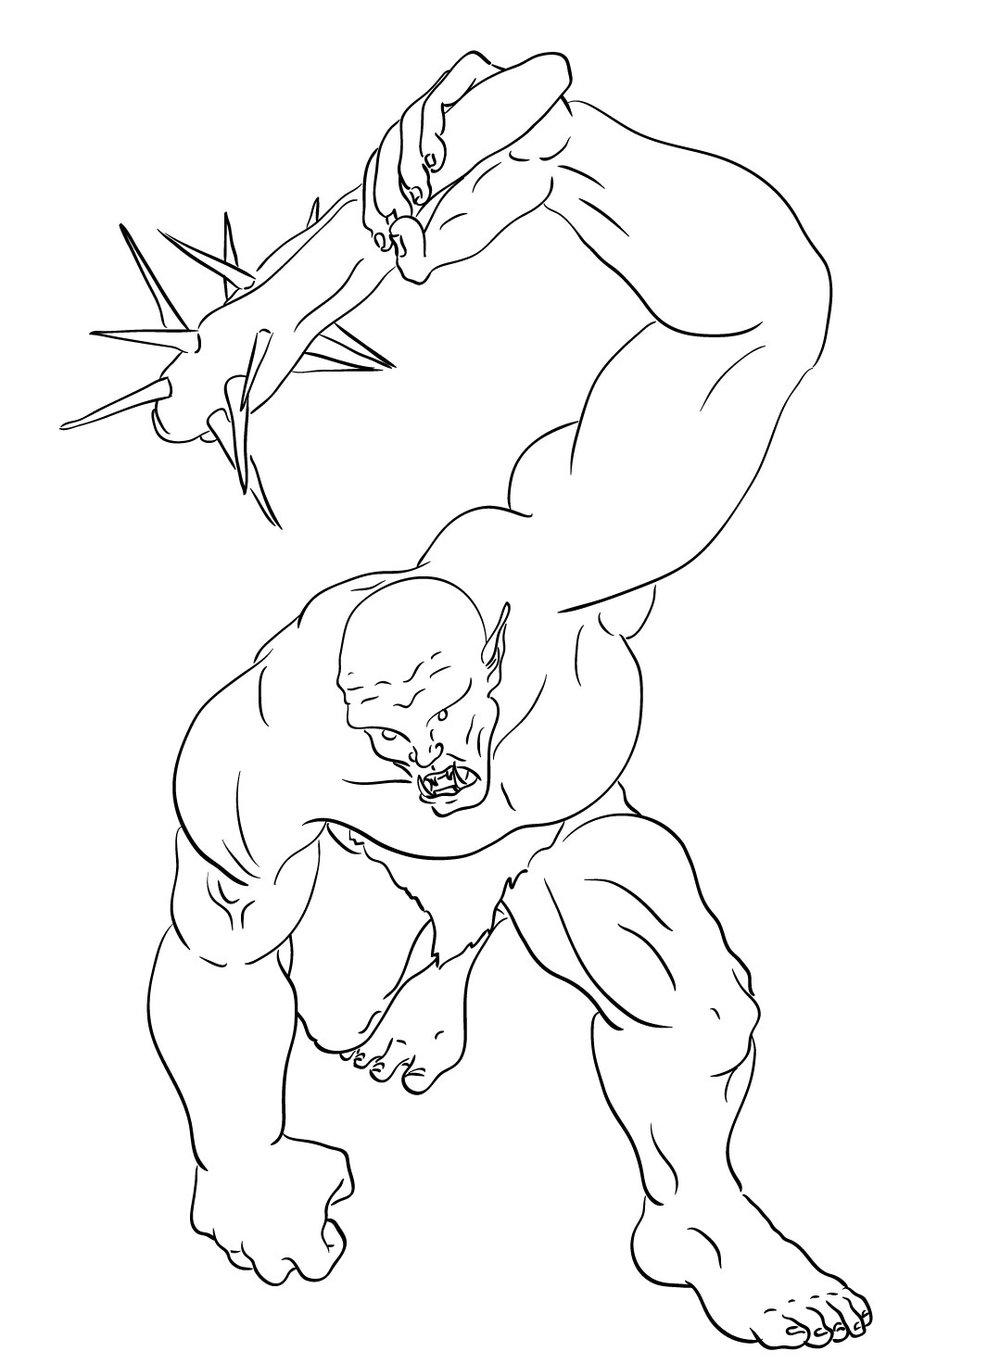 Ogre-1-2.jpg